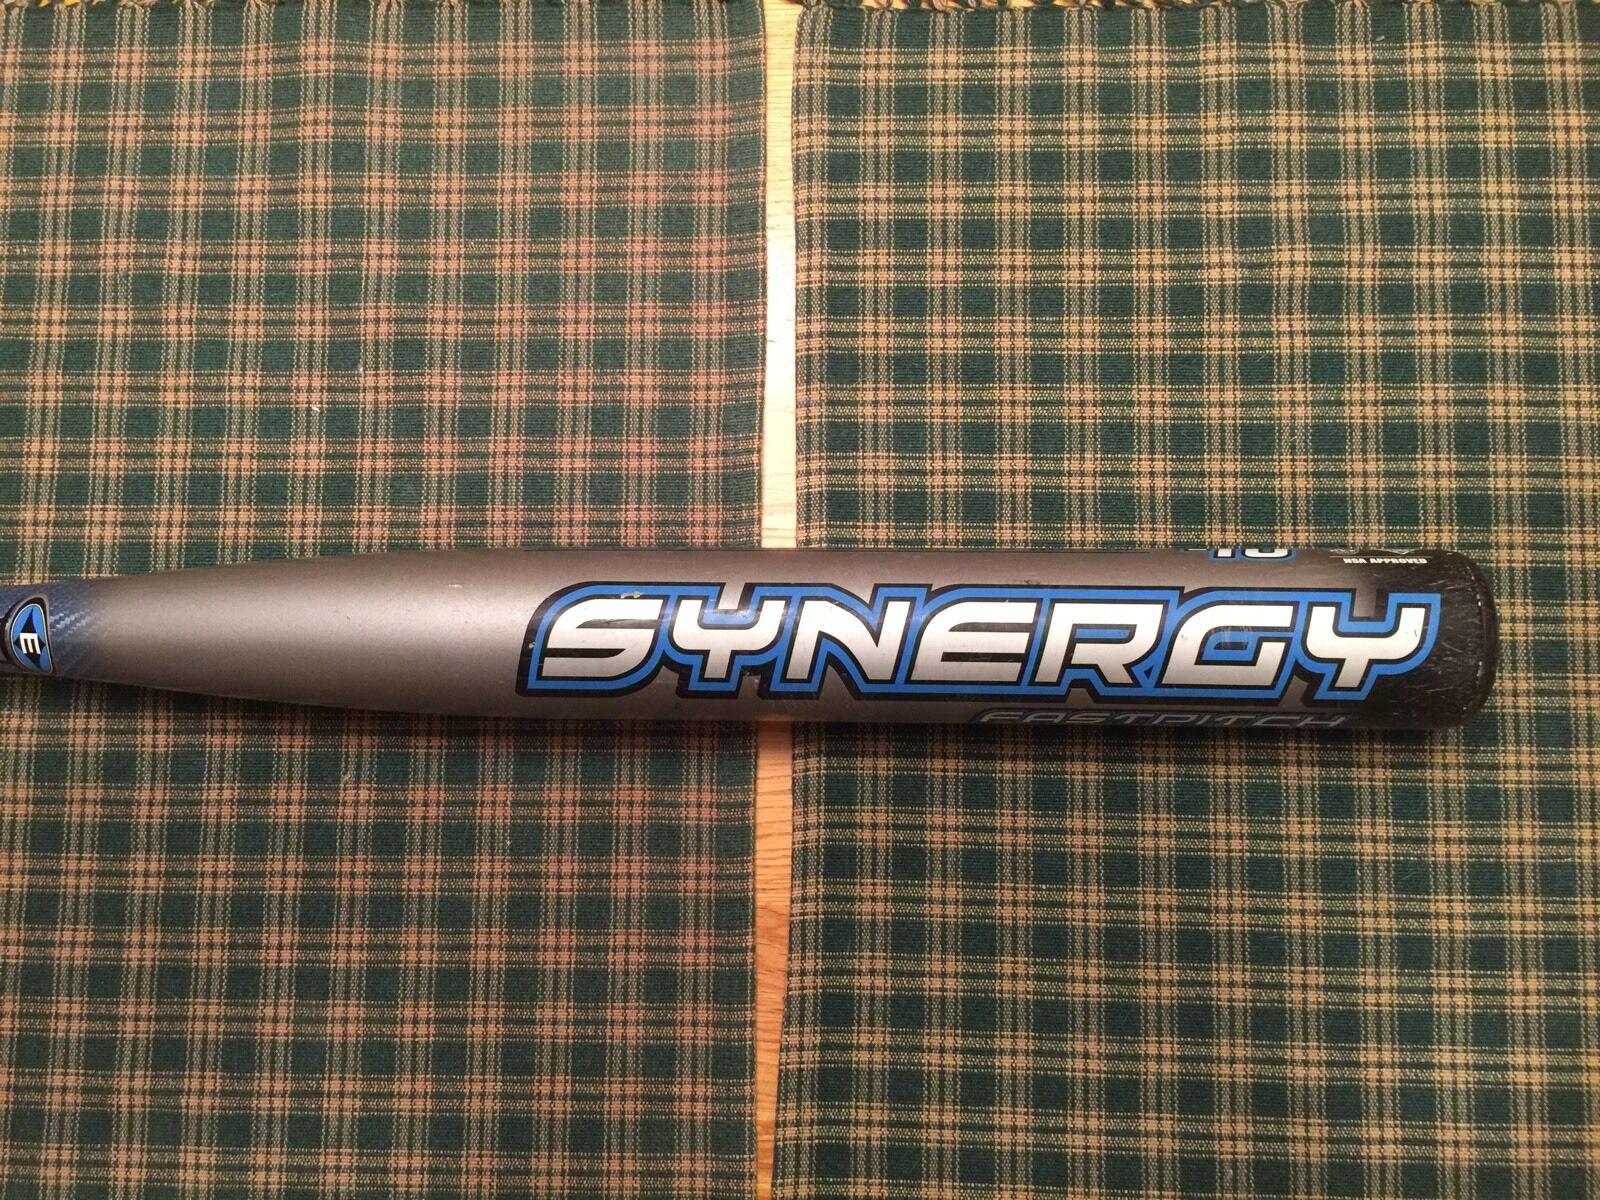 Raro  buen Easton Synergy CNT SCN1B 32 22 (-10) Softbol bate de paso rápido caliente